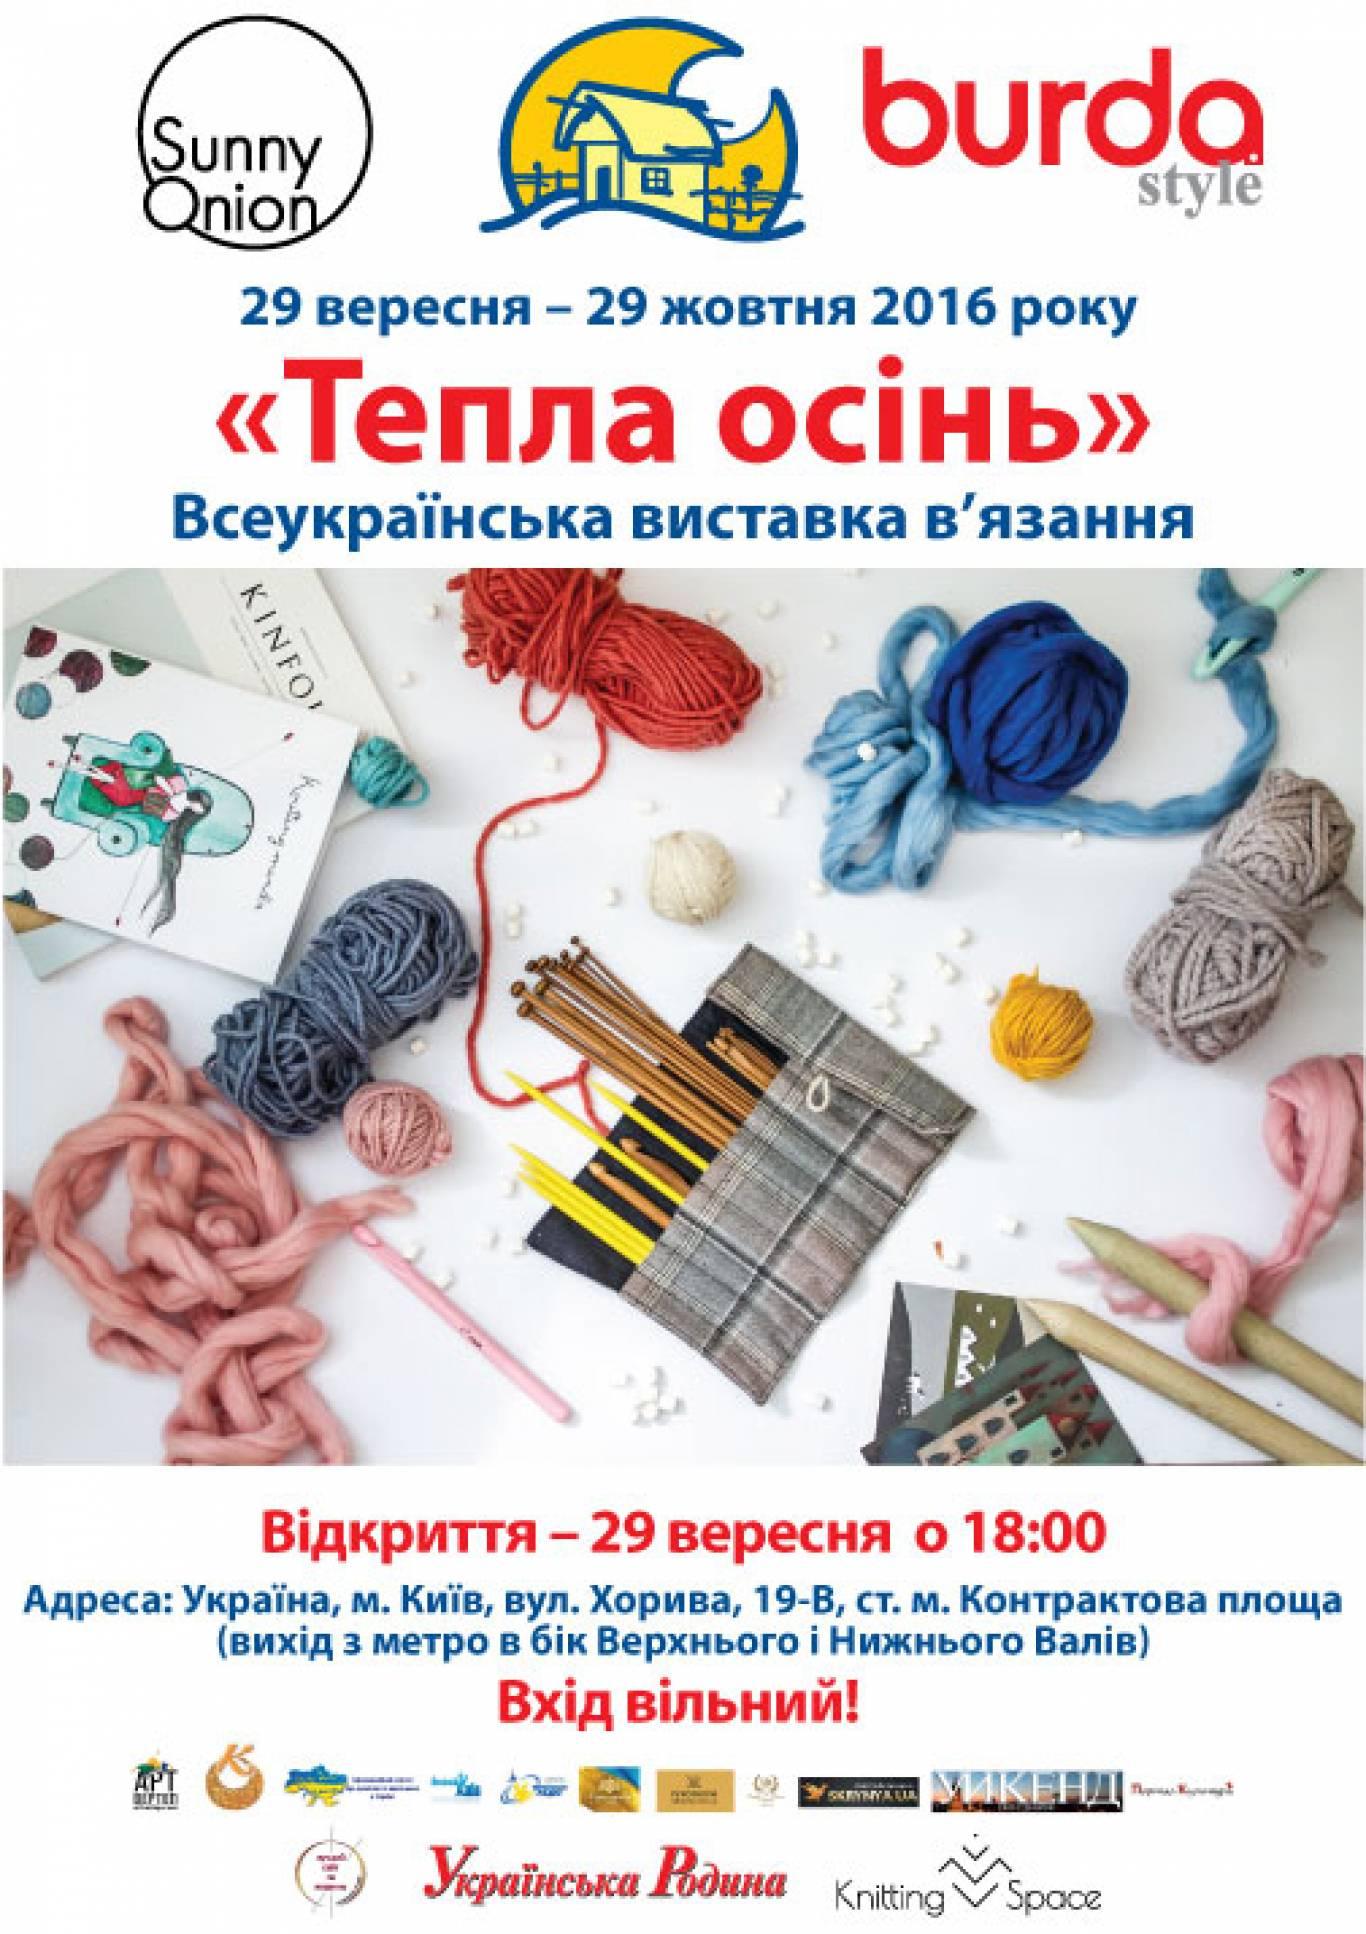 Всеукраїнська виставка в'язання «Тепла осінь»